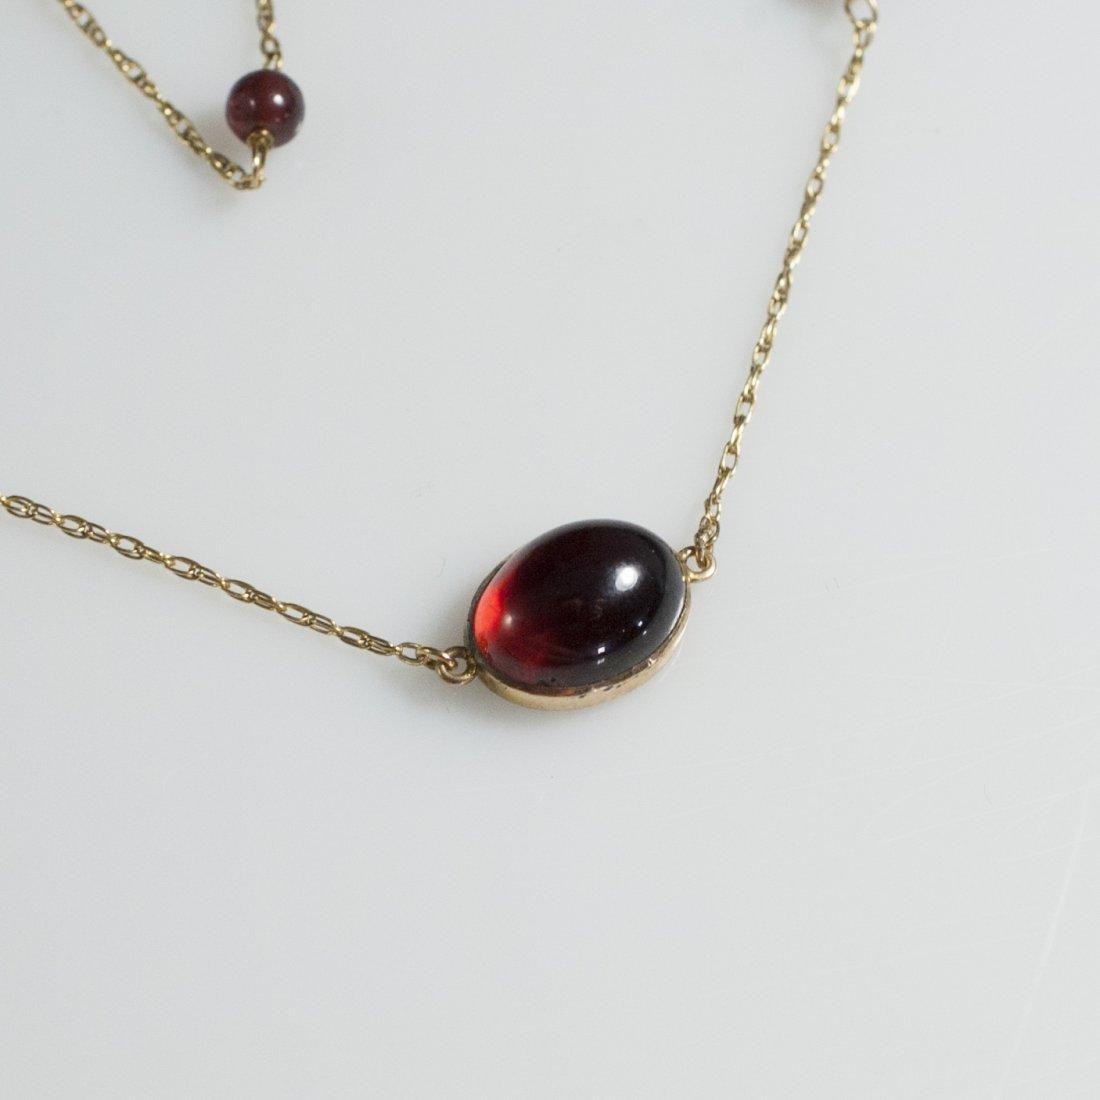 14kt Gold & Garnet Necklace - 2